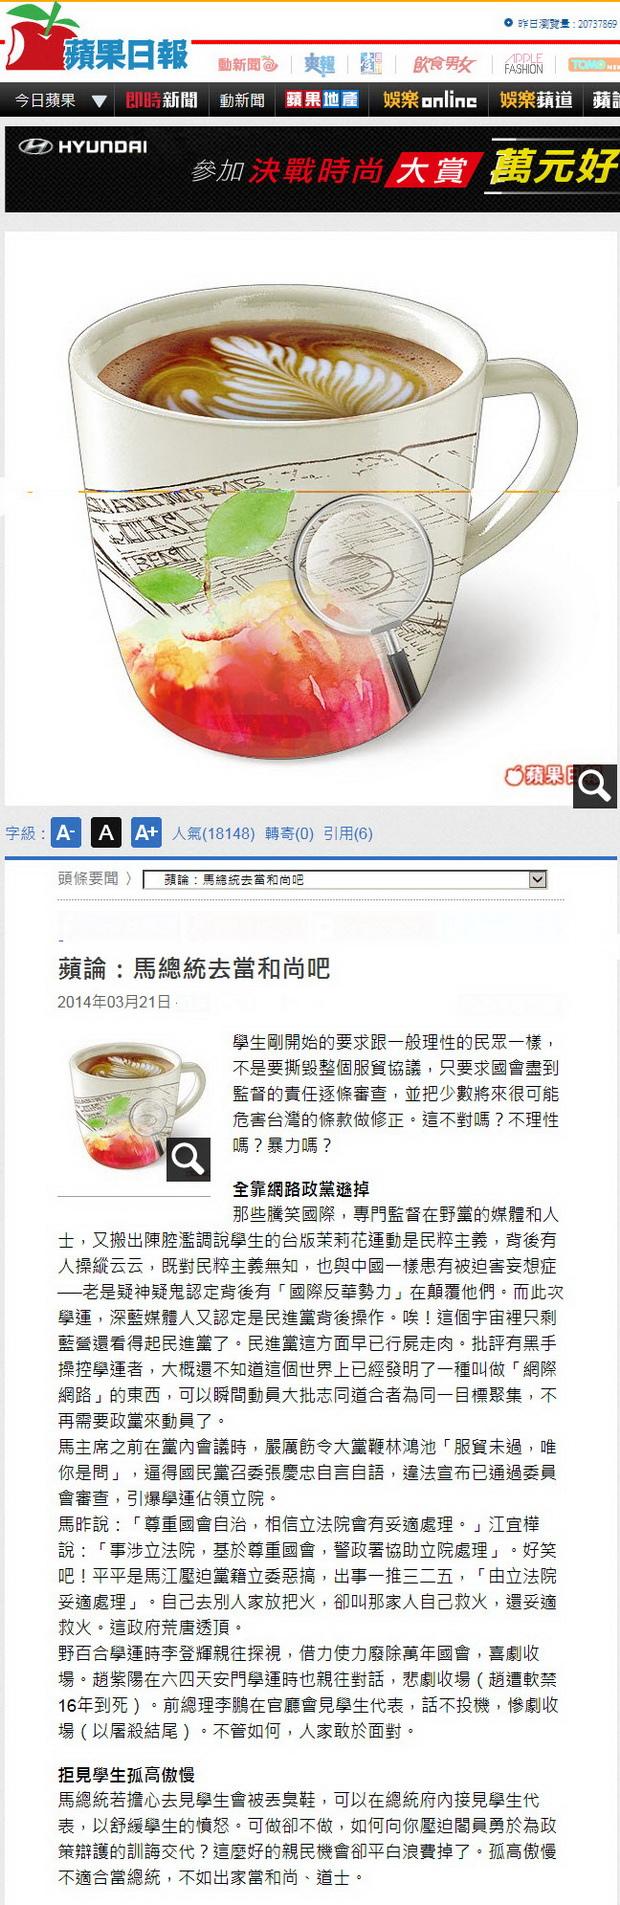 蘋論:馬總統去當和尚吧  -2014.03.21.jpg